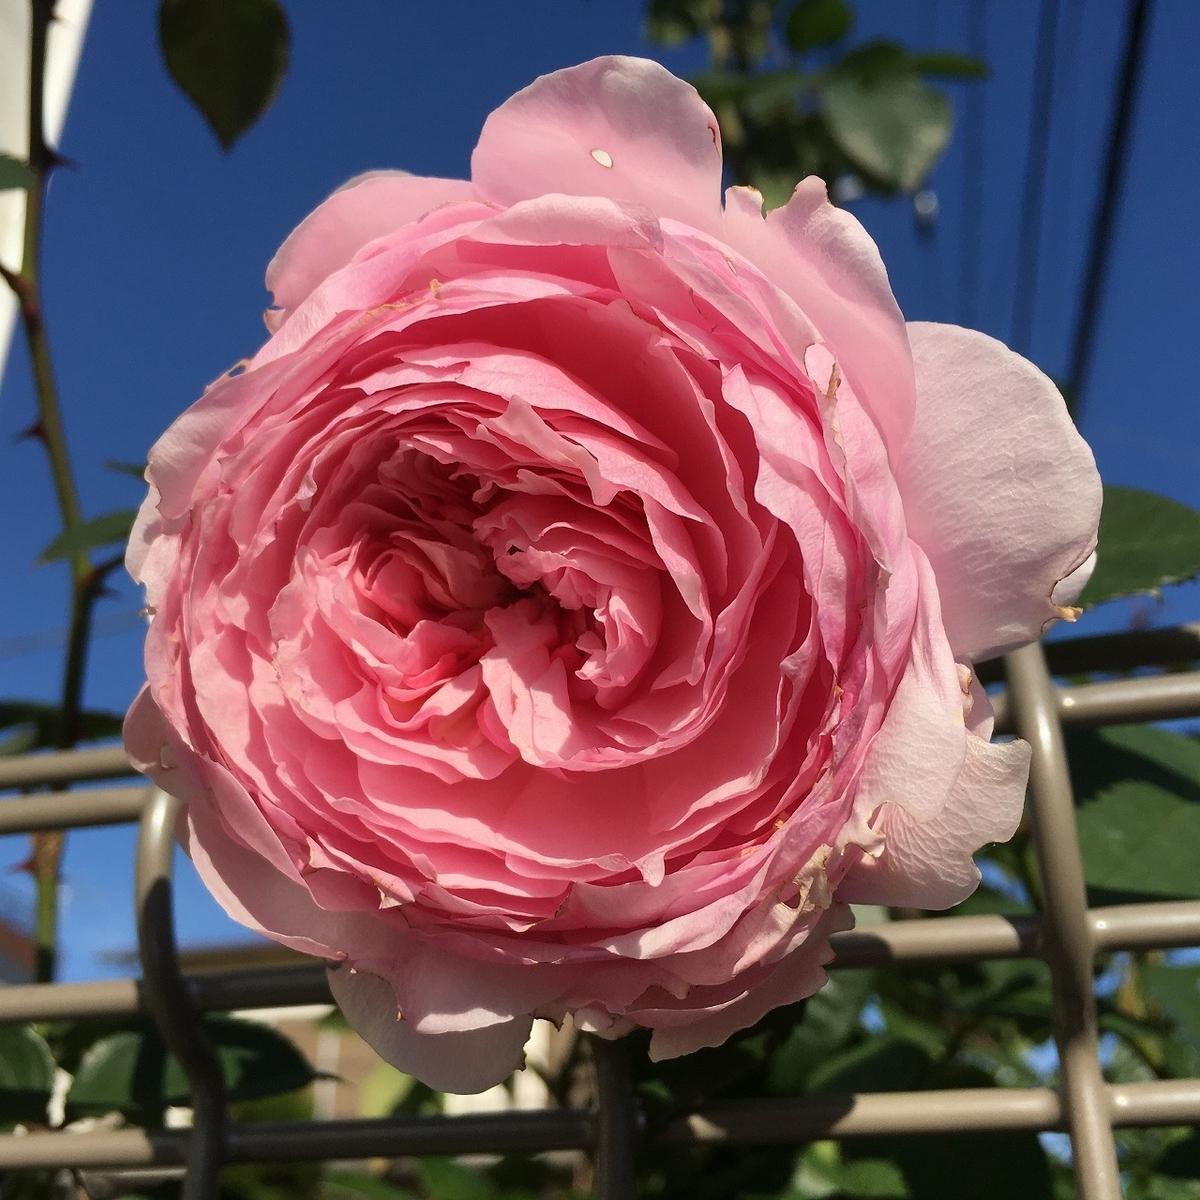 バラ 冬 剪定 誘引 寒肥 2年目 オリビアローズオースチン ローズフック 葉っぱ 初心者